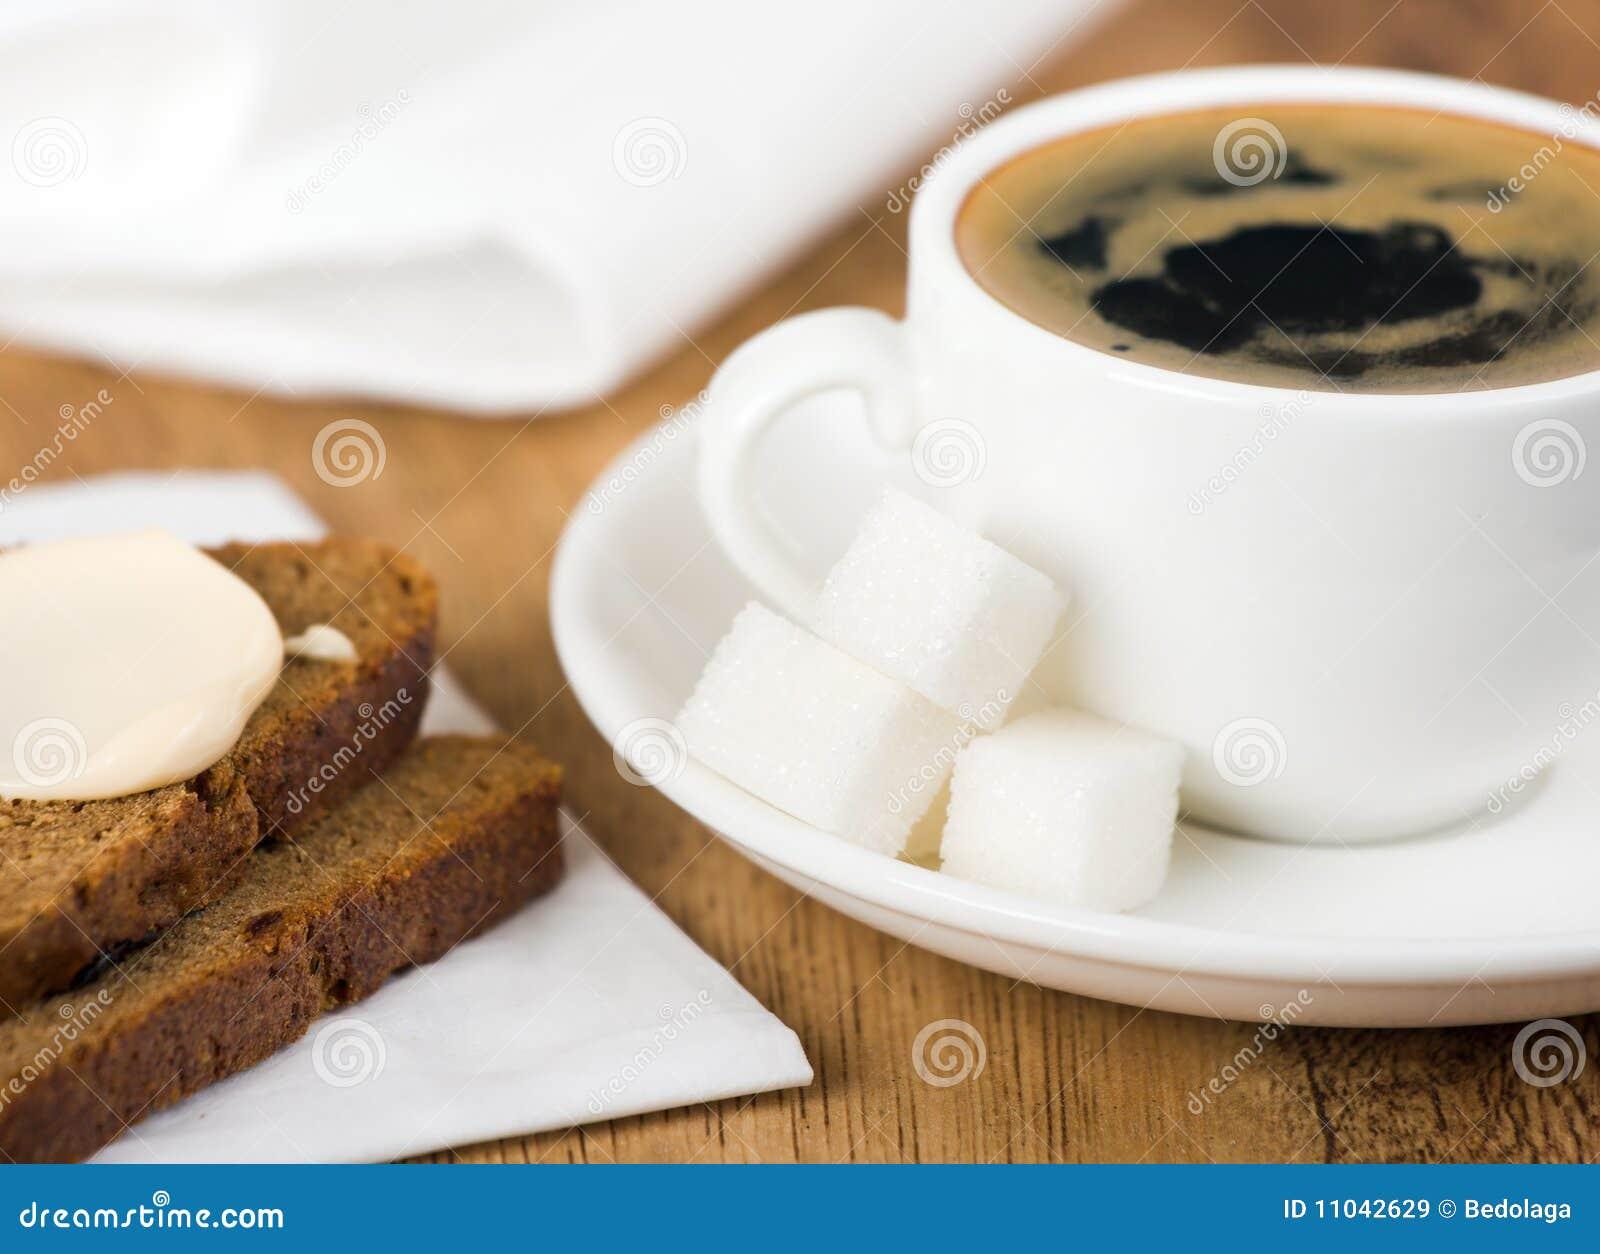 kaffeetasse stockbild bild von hitze wei porzellan 11042629. Black Bedroom Furniture Sets. Home Design Ideas